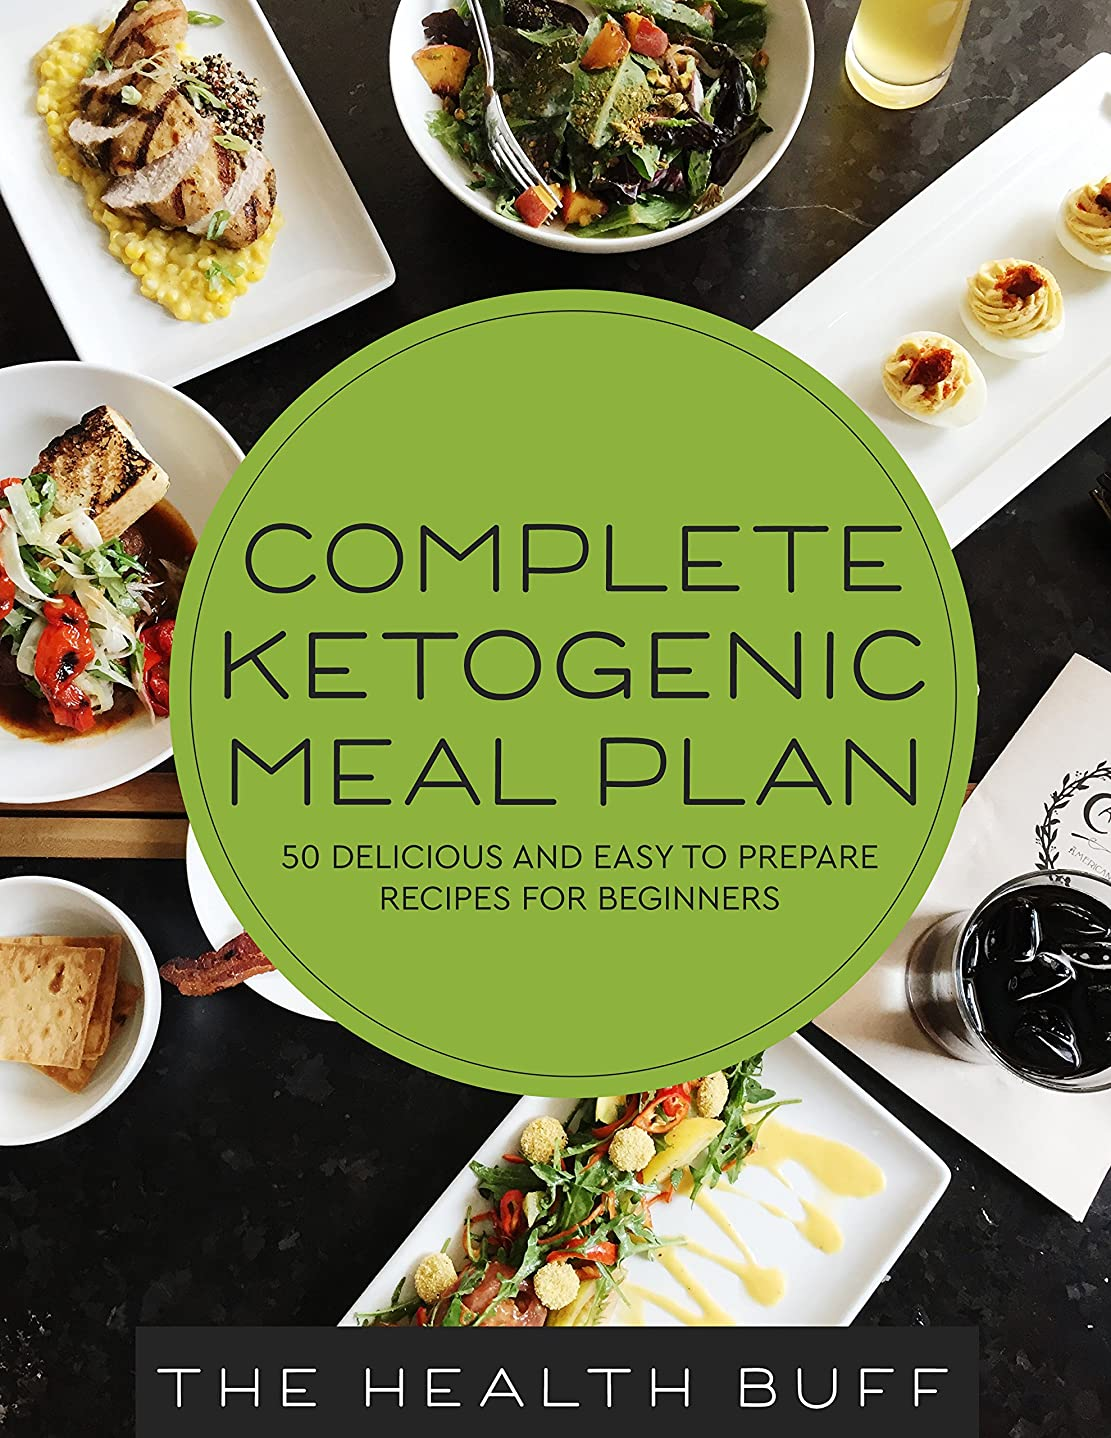 不健康兵隊舌Complete Ketogenic Meal Plan: 50 Delicious and Easy to Prepare Recipes For Beginners (Ketogenic, Dash Diet, Vegan, Clean Eating, Weight Watchers, Gastric Sleeve, Mediterranean Diet) (English Edition)